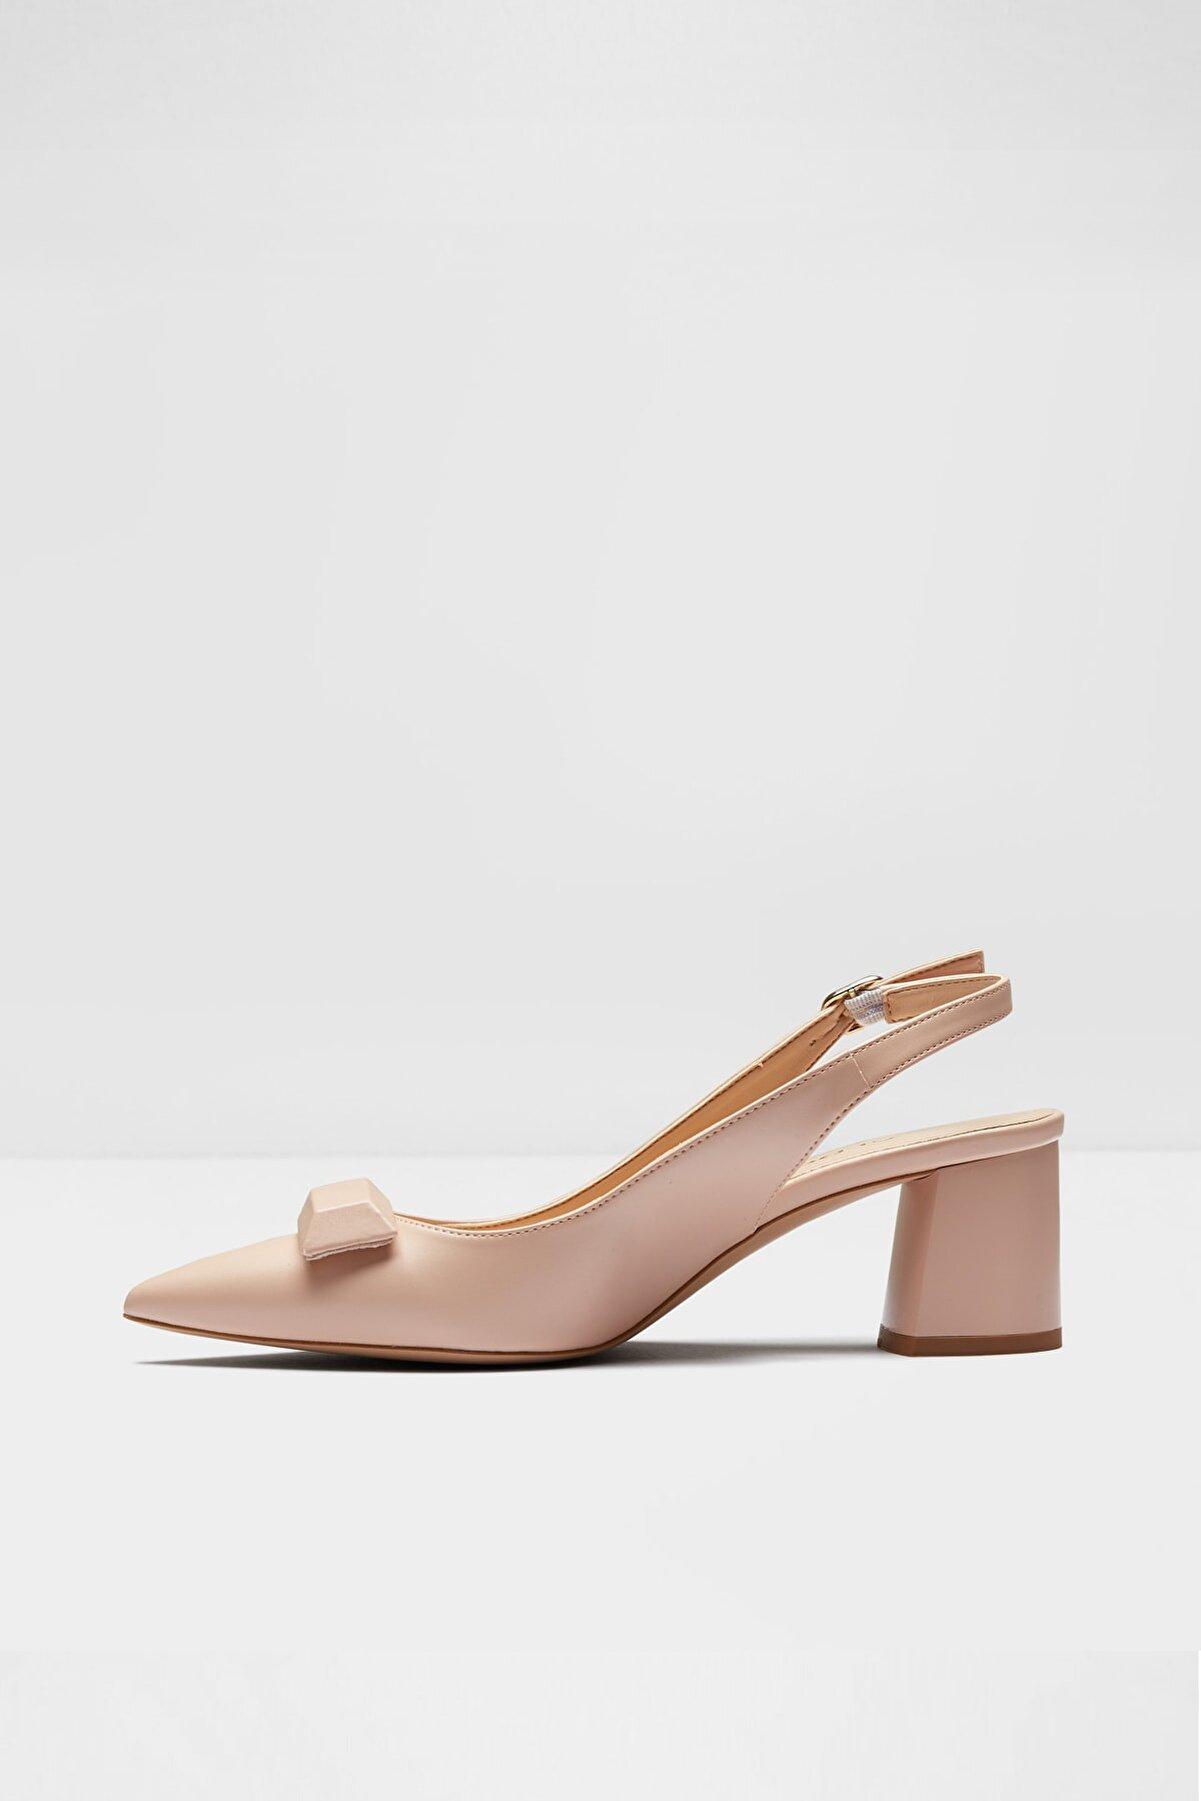 Aldo Mulhouse-tr - Natürel Kadın Topuklu Ayakkabı